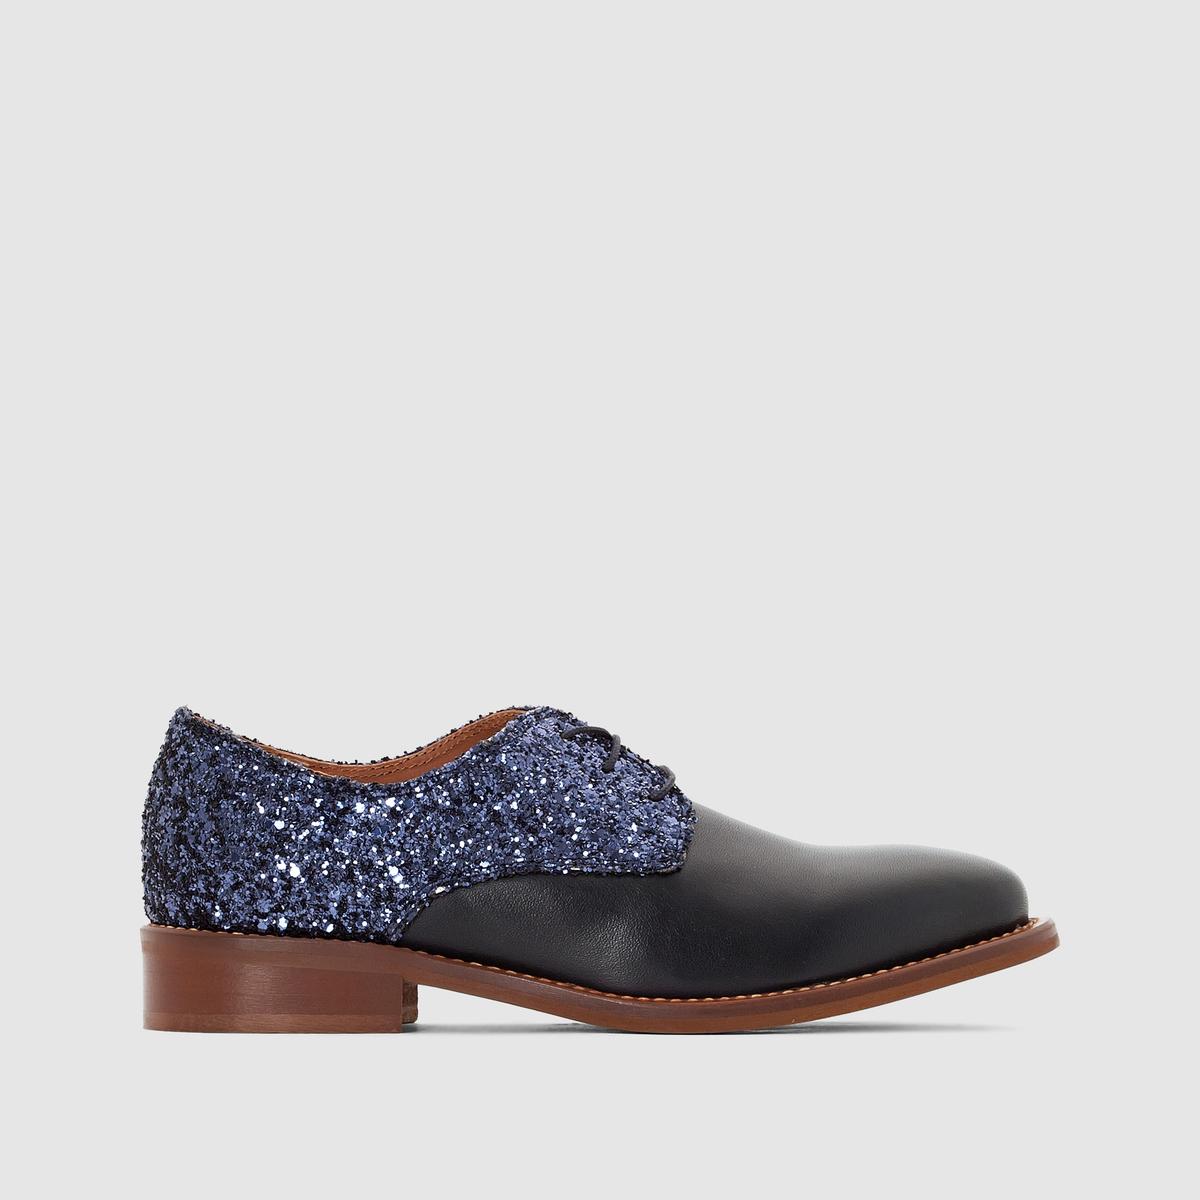 Ботинки дерби кожаные с блестками DesirПодкладка : Кожа. Стелька : Кожа. Подошва : Эластомер Высота каблука : 2 см Форма каблука : Плоская Мысок : Закругленный Застежка : Шнуровка<br><br>Цвет: синий